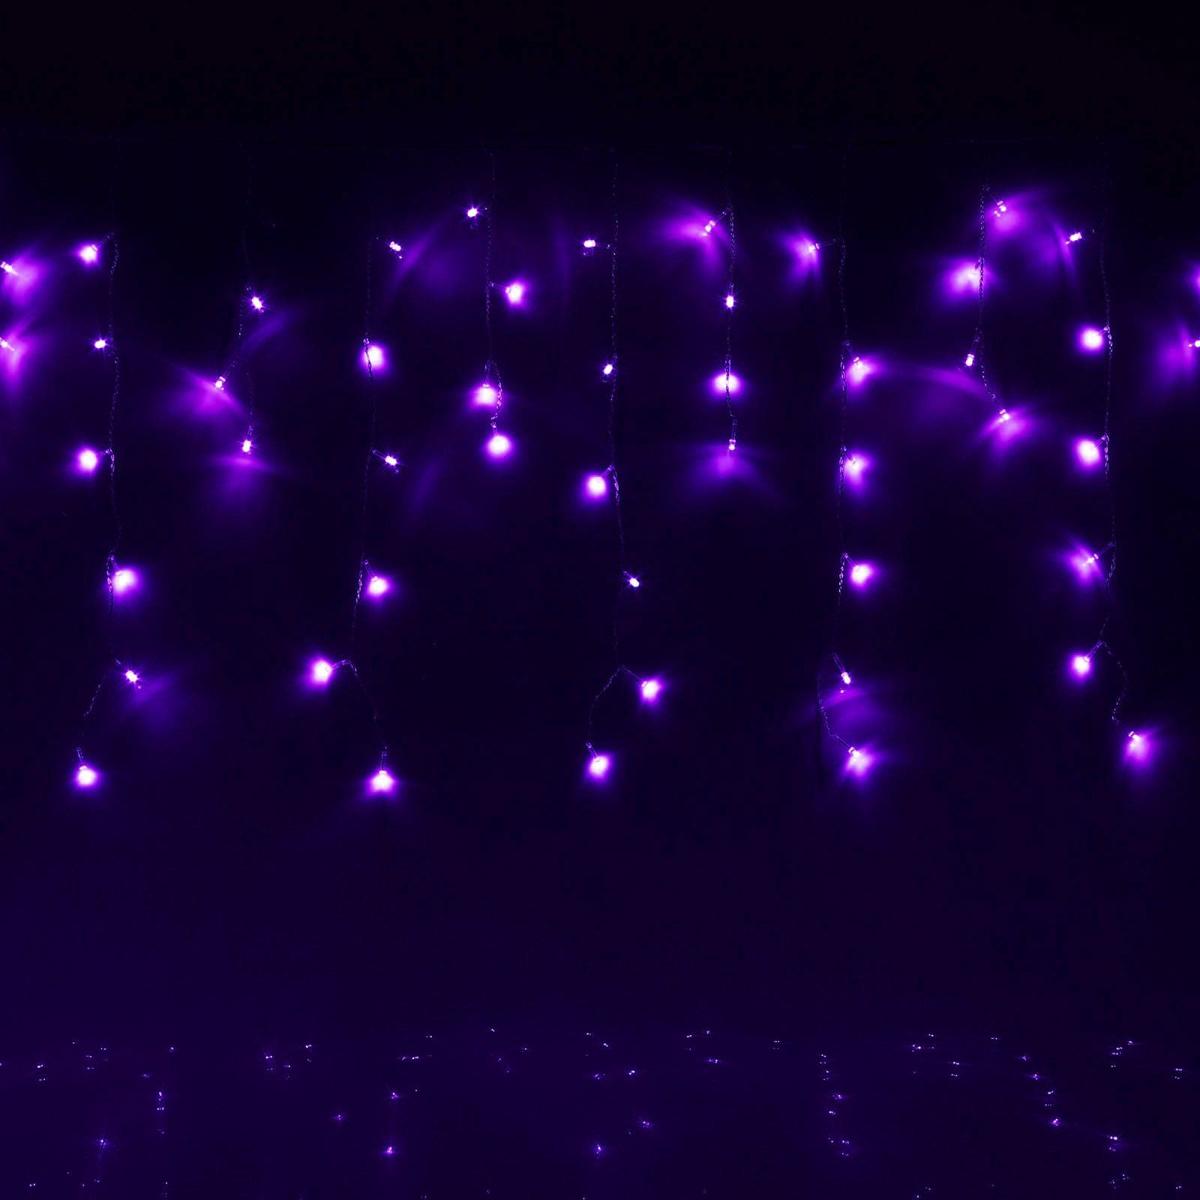 Гирлянда светодиодная Luazon Бахрома, уличная, 8 режимов, 60 ламп, 220V, цвет: фиолетовый 1 х 0,6 м. 187251187251Светодиодные гирлянды, ленты и т.д — это отличный вариант для новогоднего оформления интерьера или фасада. С их помощью помещение любого размера можно превратить в праздничный зал, а внешние элементы зданий, украшенные ими, мгновенно станут напоминать очертания сказочного дворца. Такие украшения создают ауру предвкушения чуда. Деревья, фасады, витрины, окна и арки будто специально созданы, чтобы вы украсили их светящимися нитями.